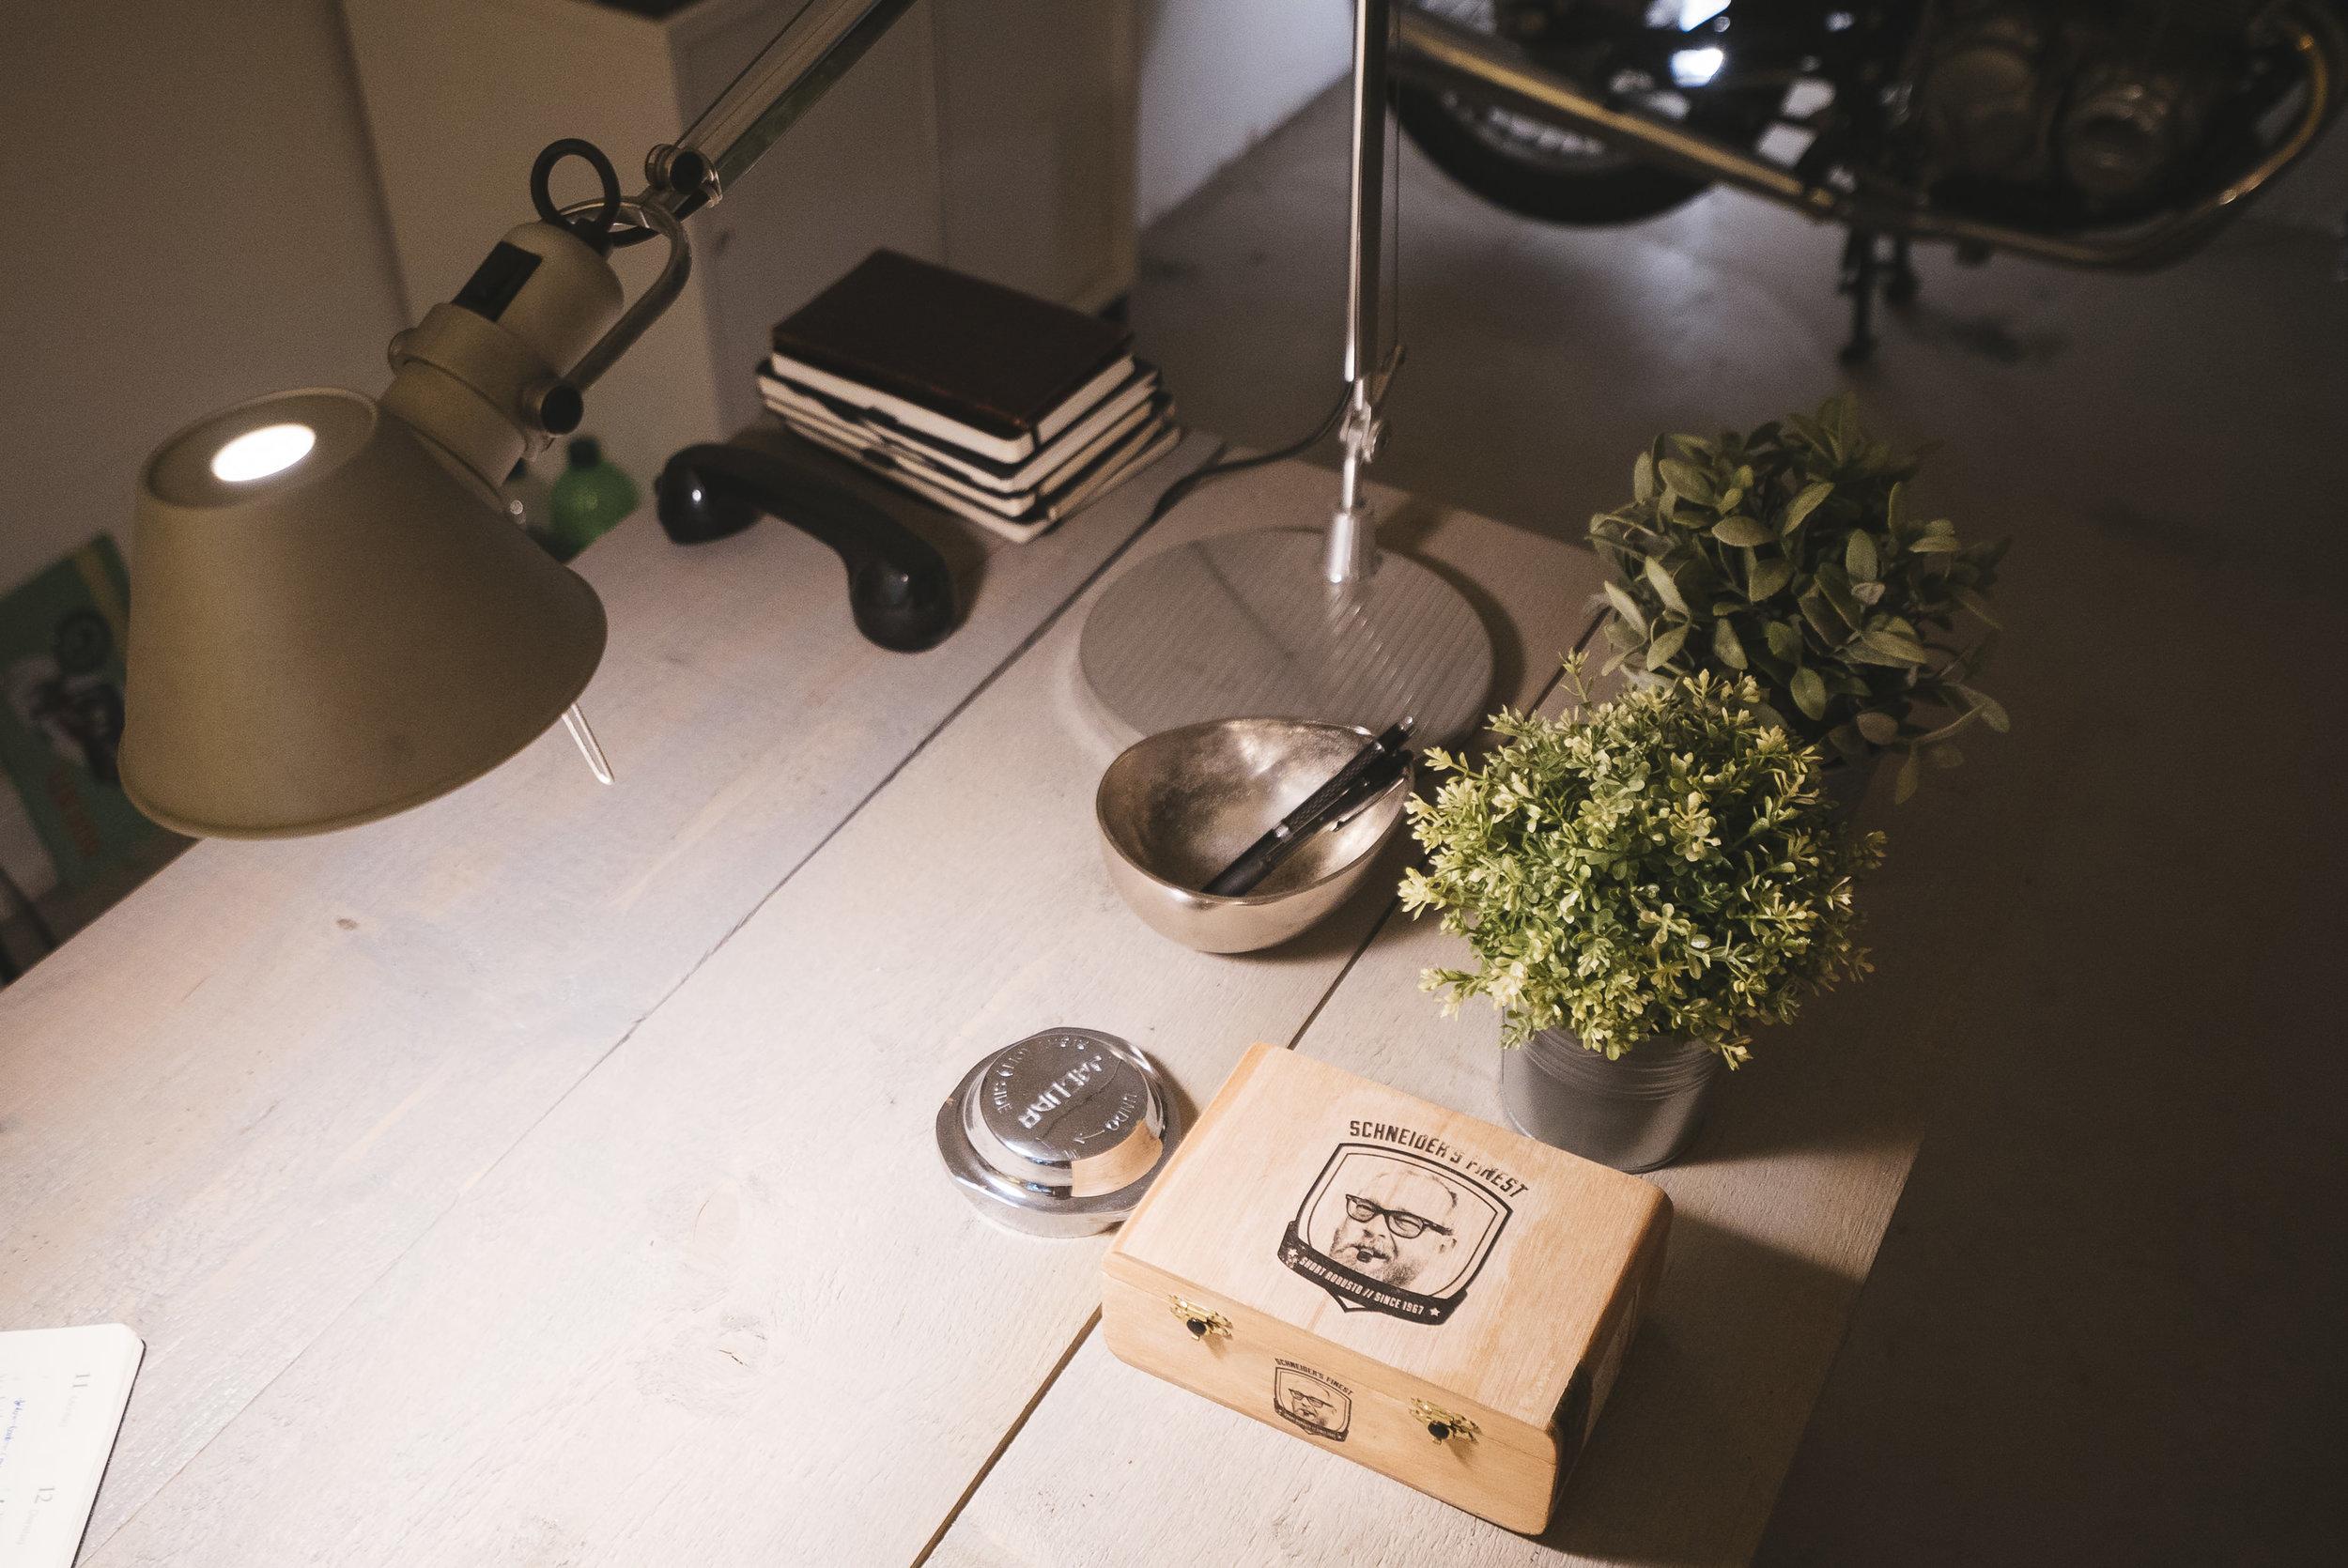 peter-schneider-garage13-essen-pottspott-18.jpg